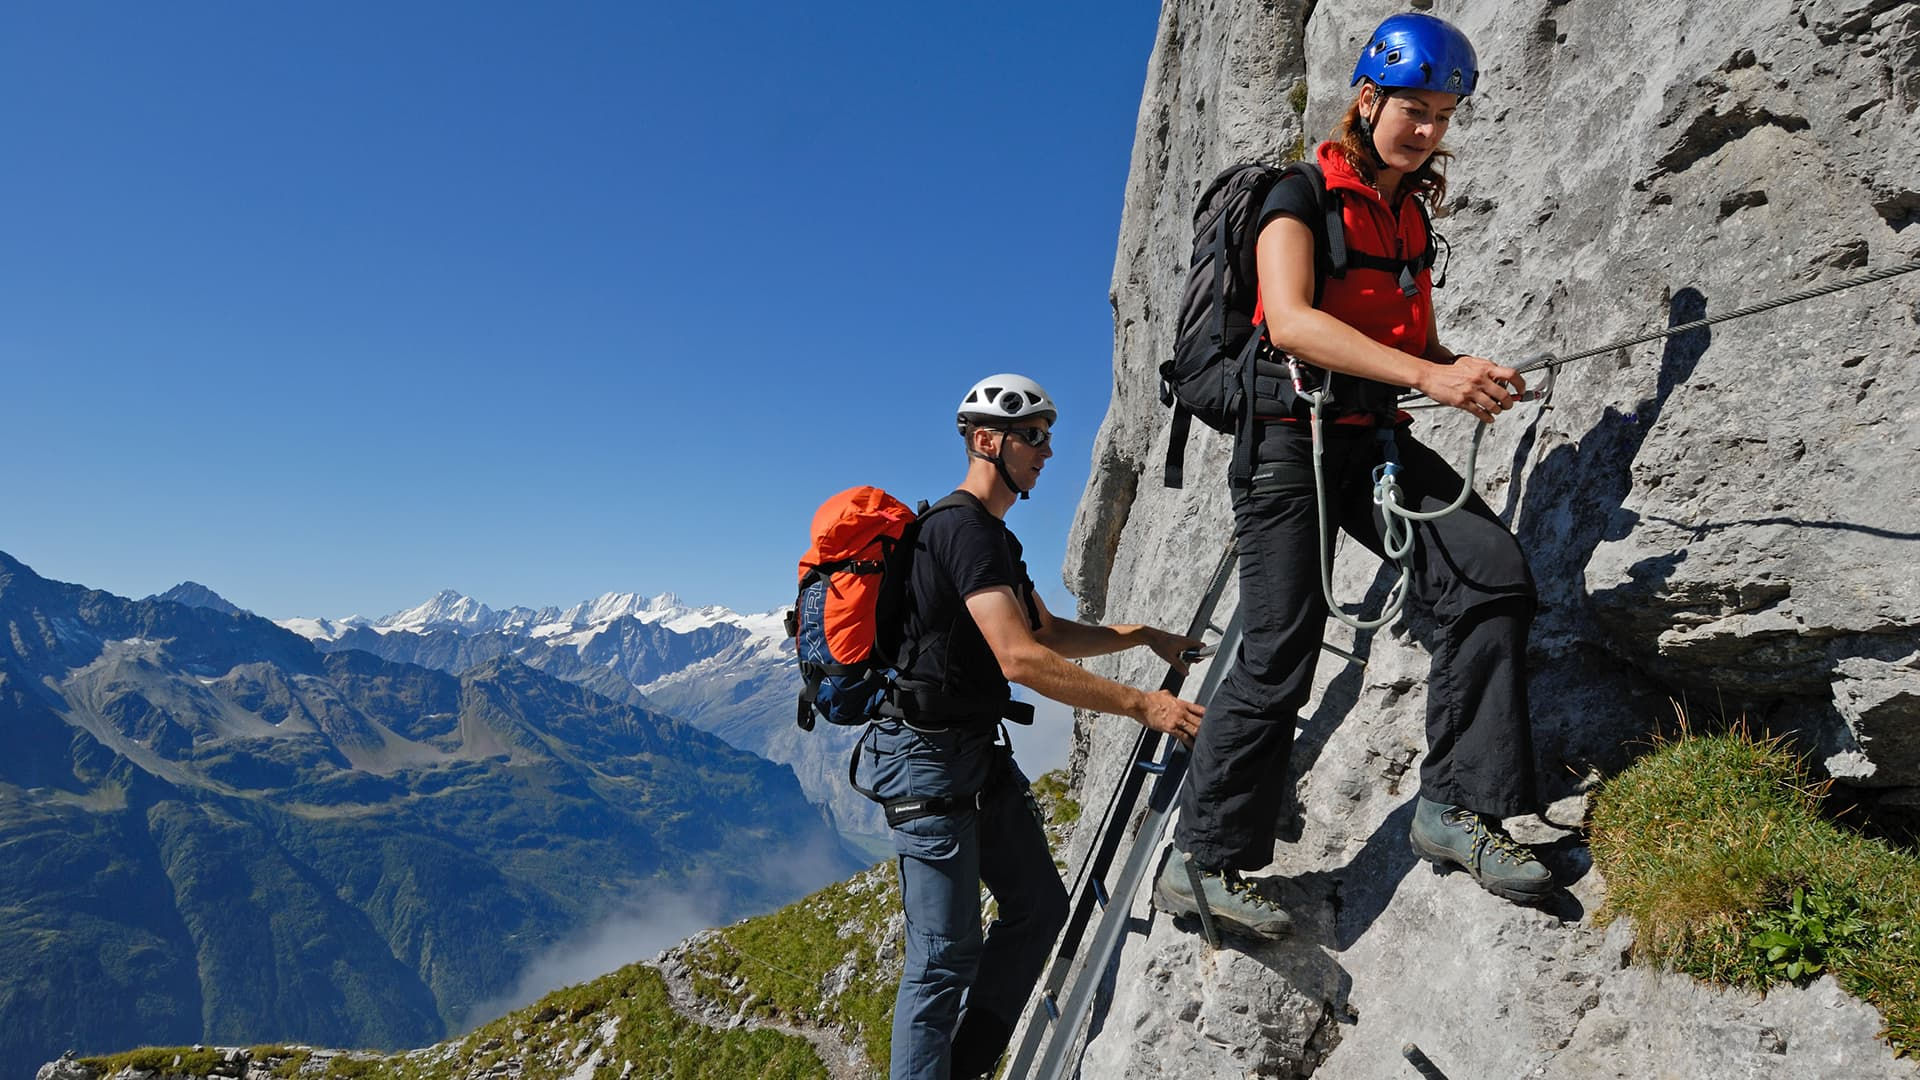 Klettersteig Tälli : Klettersteig tälli gadmen dolomiten u2013 entdecke und erlebe